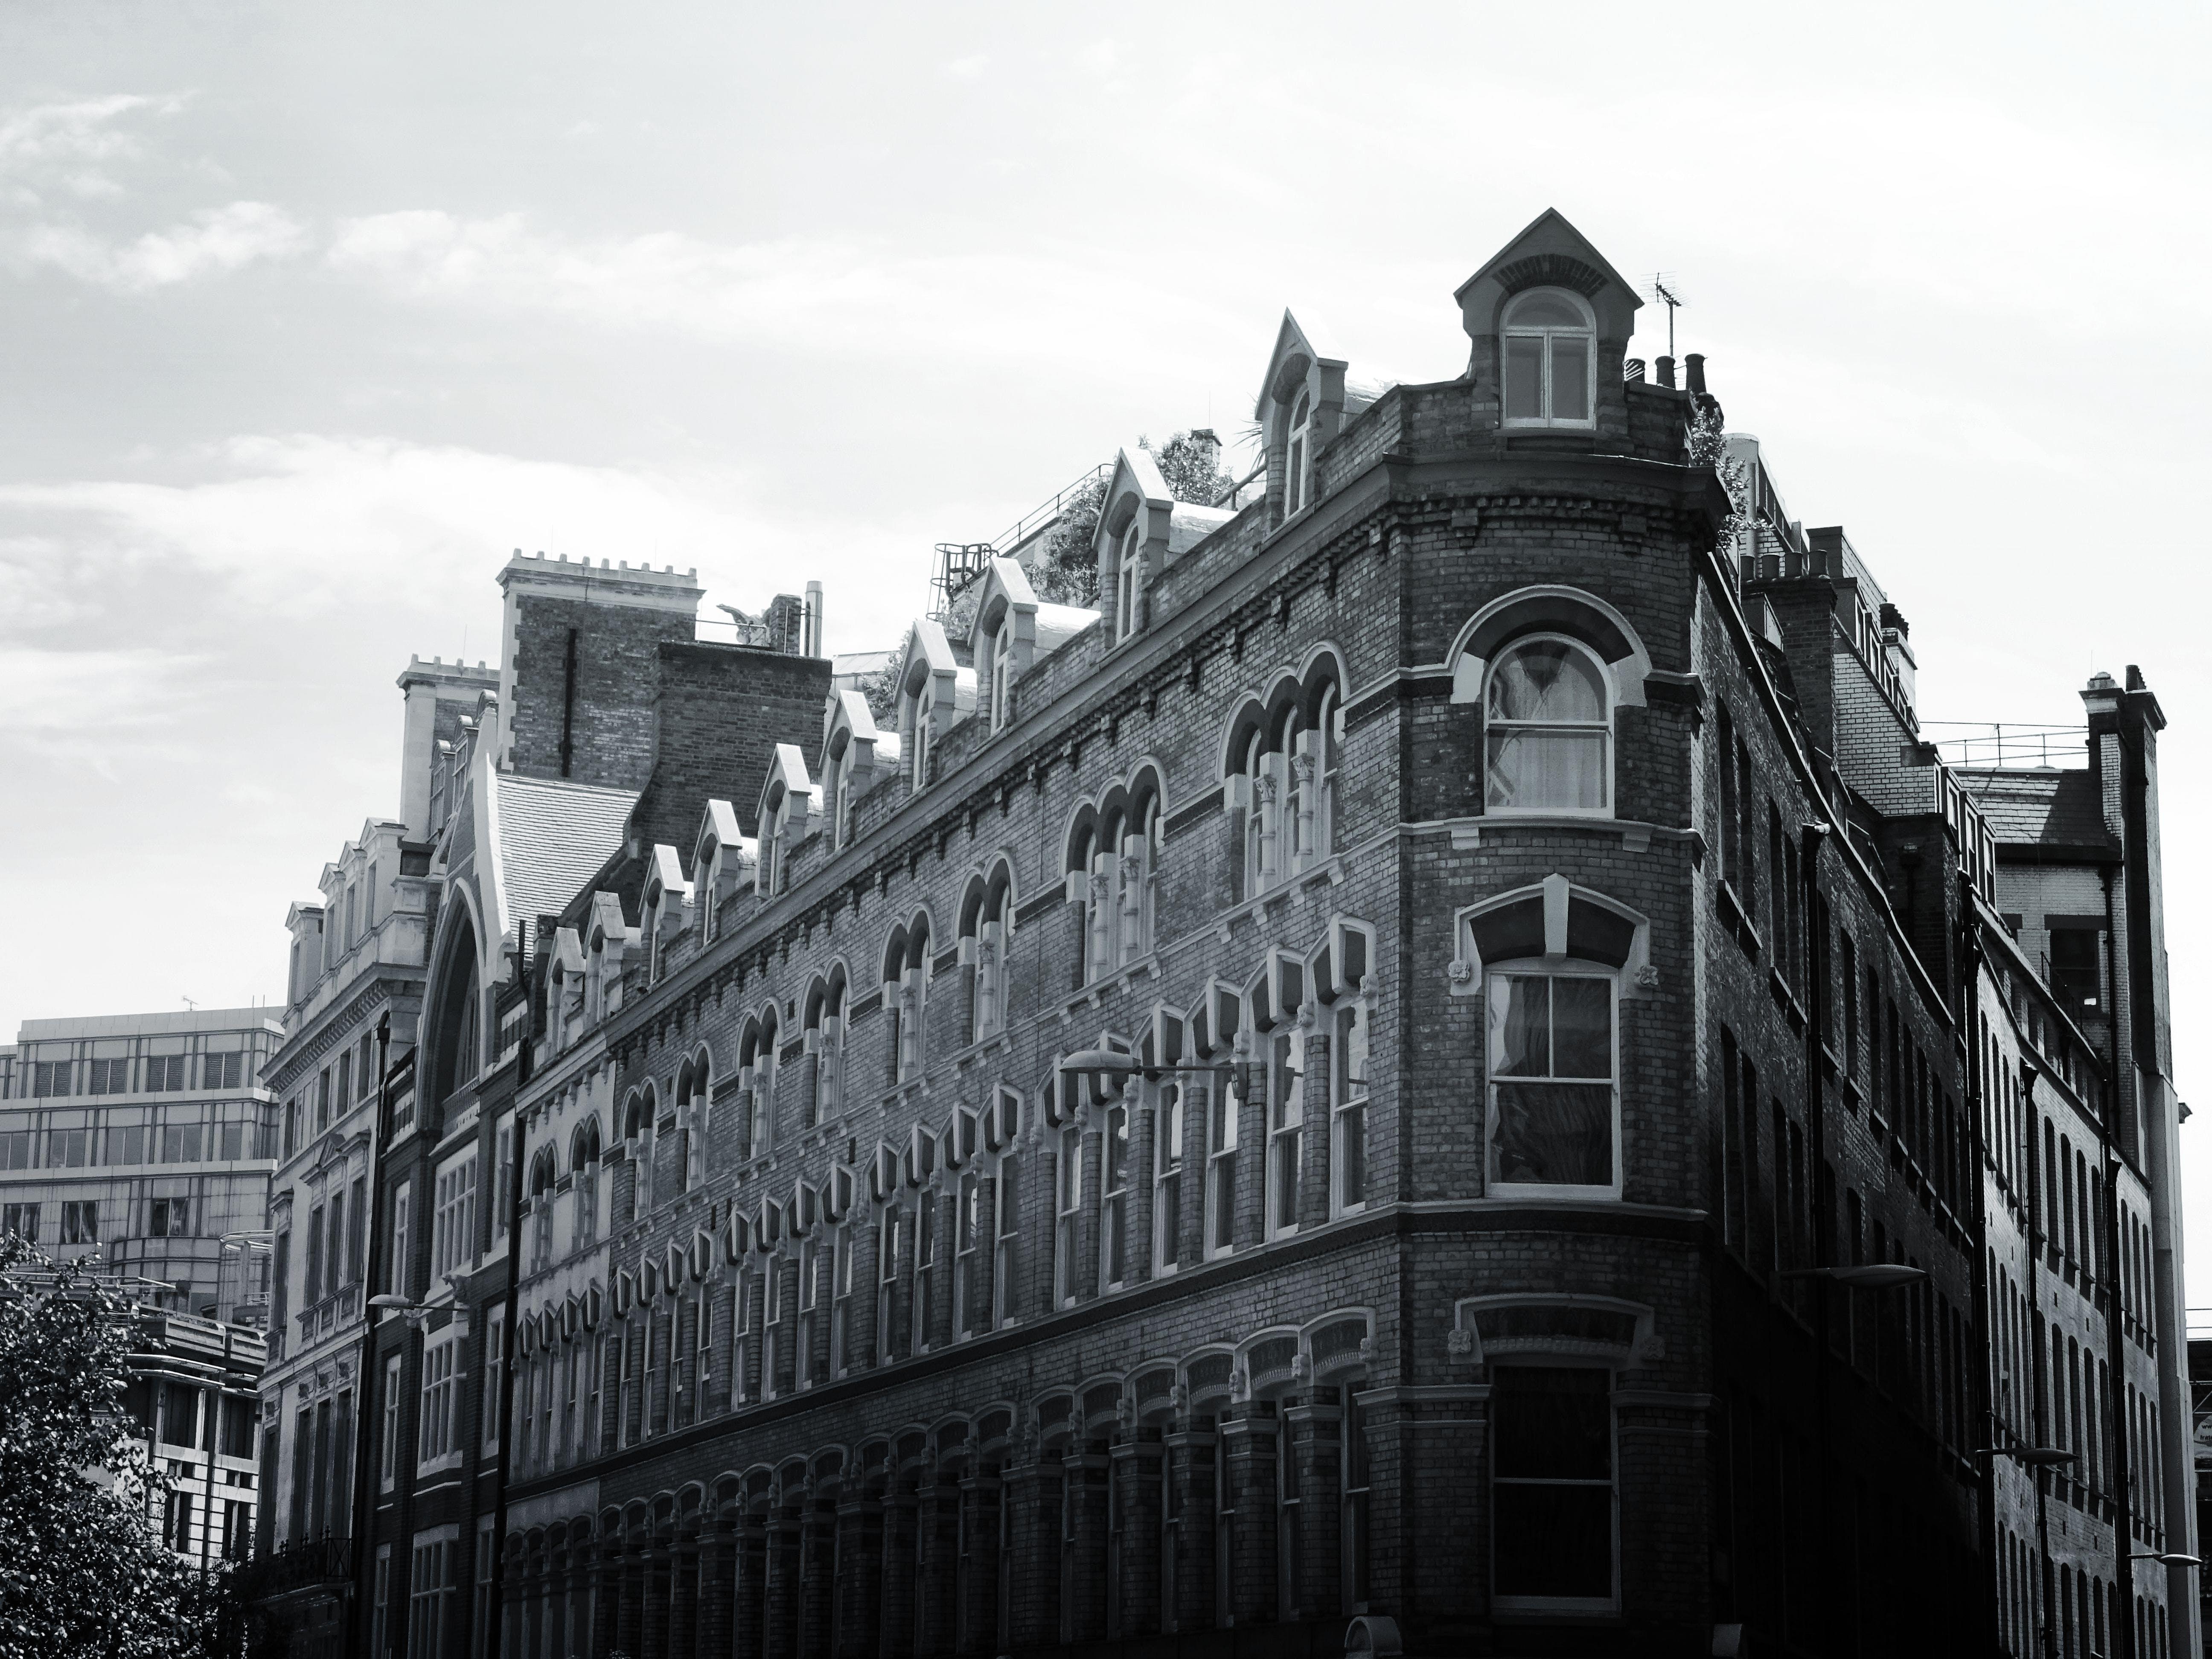 Fotos de stock gratuitas de arquitectura, calle, castillo, ciudad